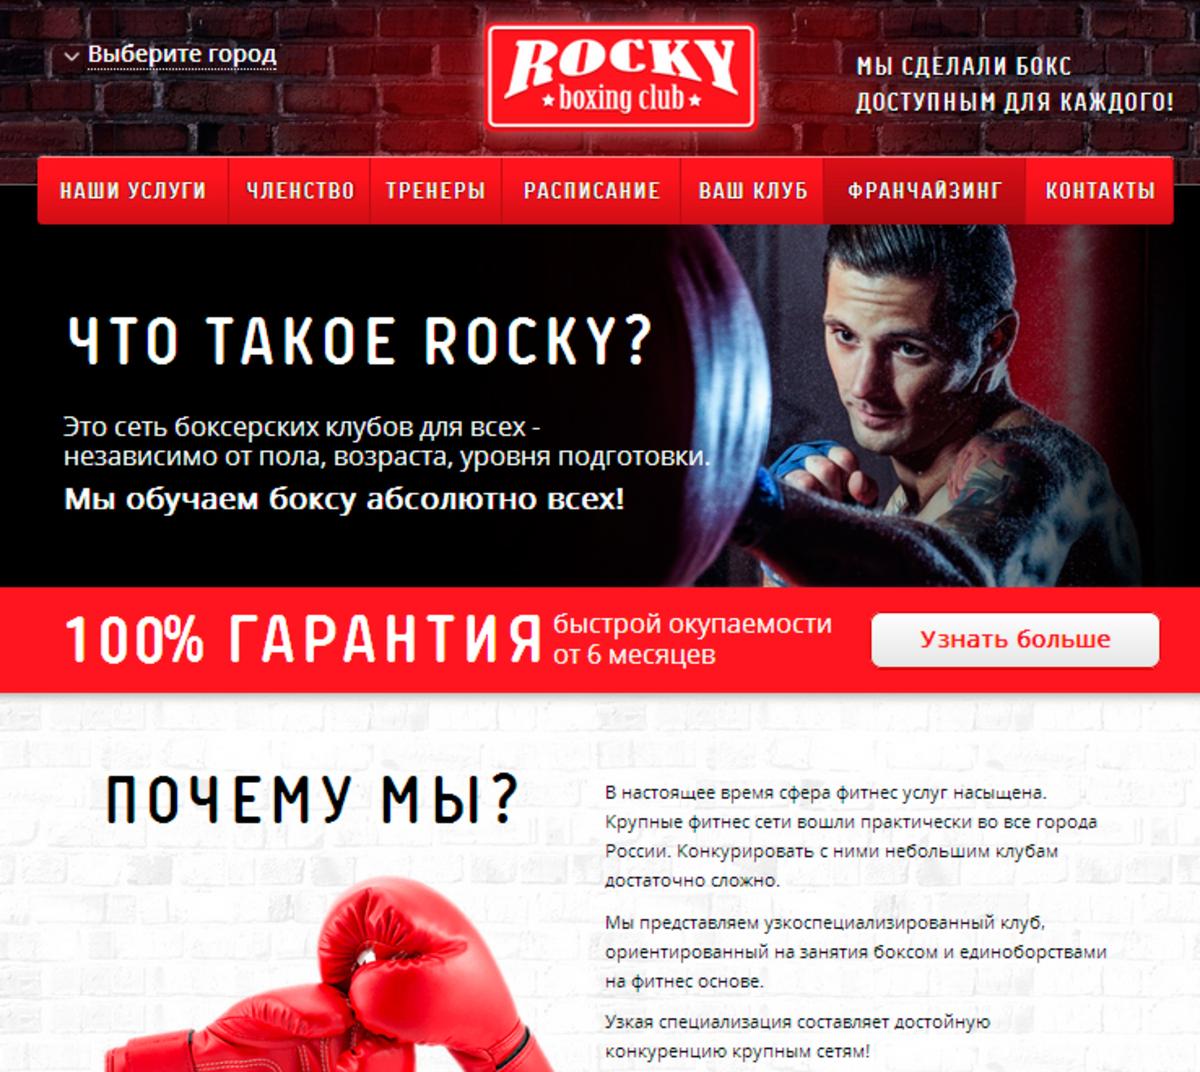 Сеть боксерских клубов Rocky / Проект компании Нинтеро